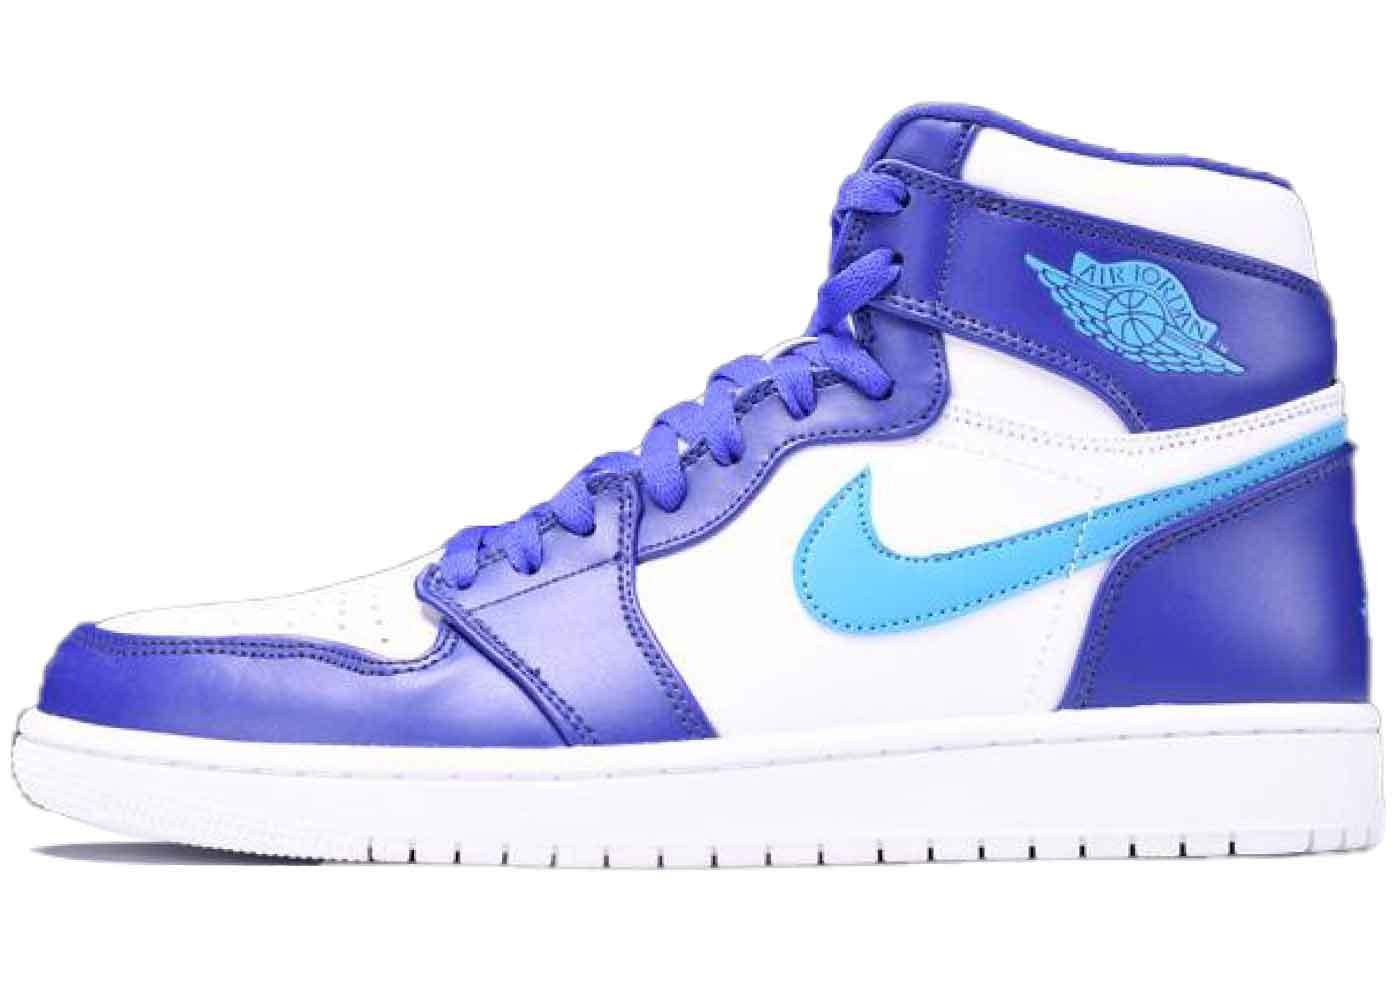 Nike Air Jordan 1 Retro Fengshuiの写真